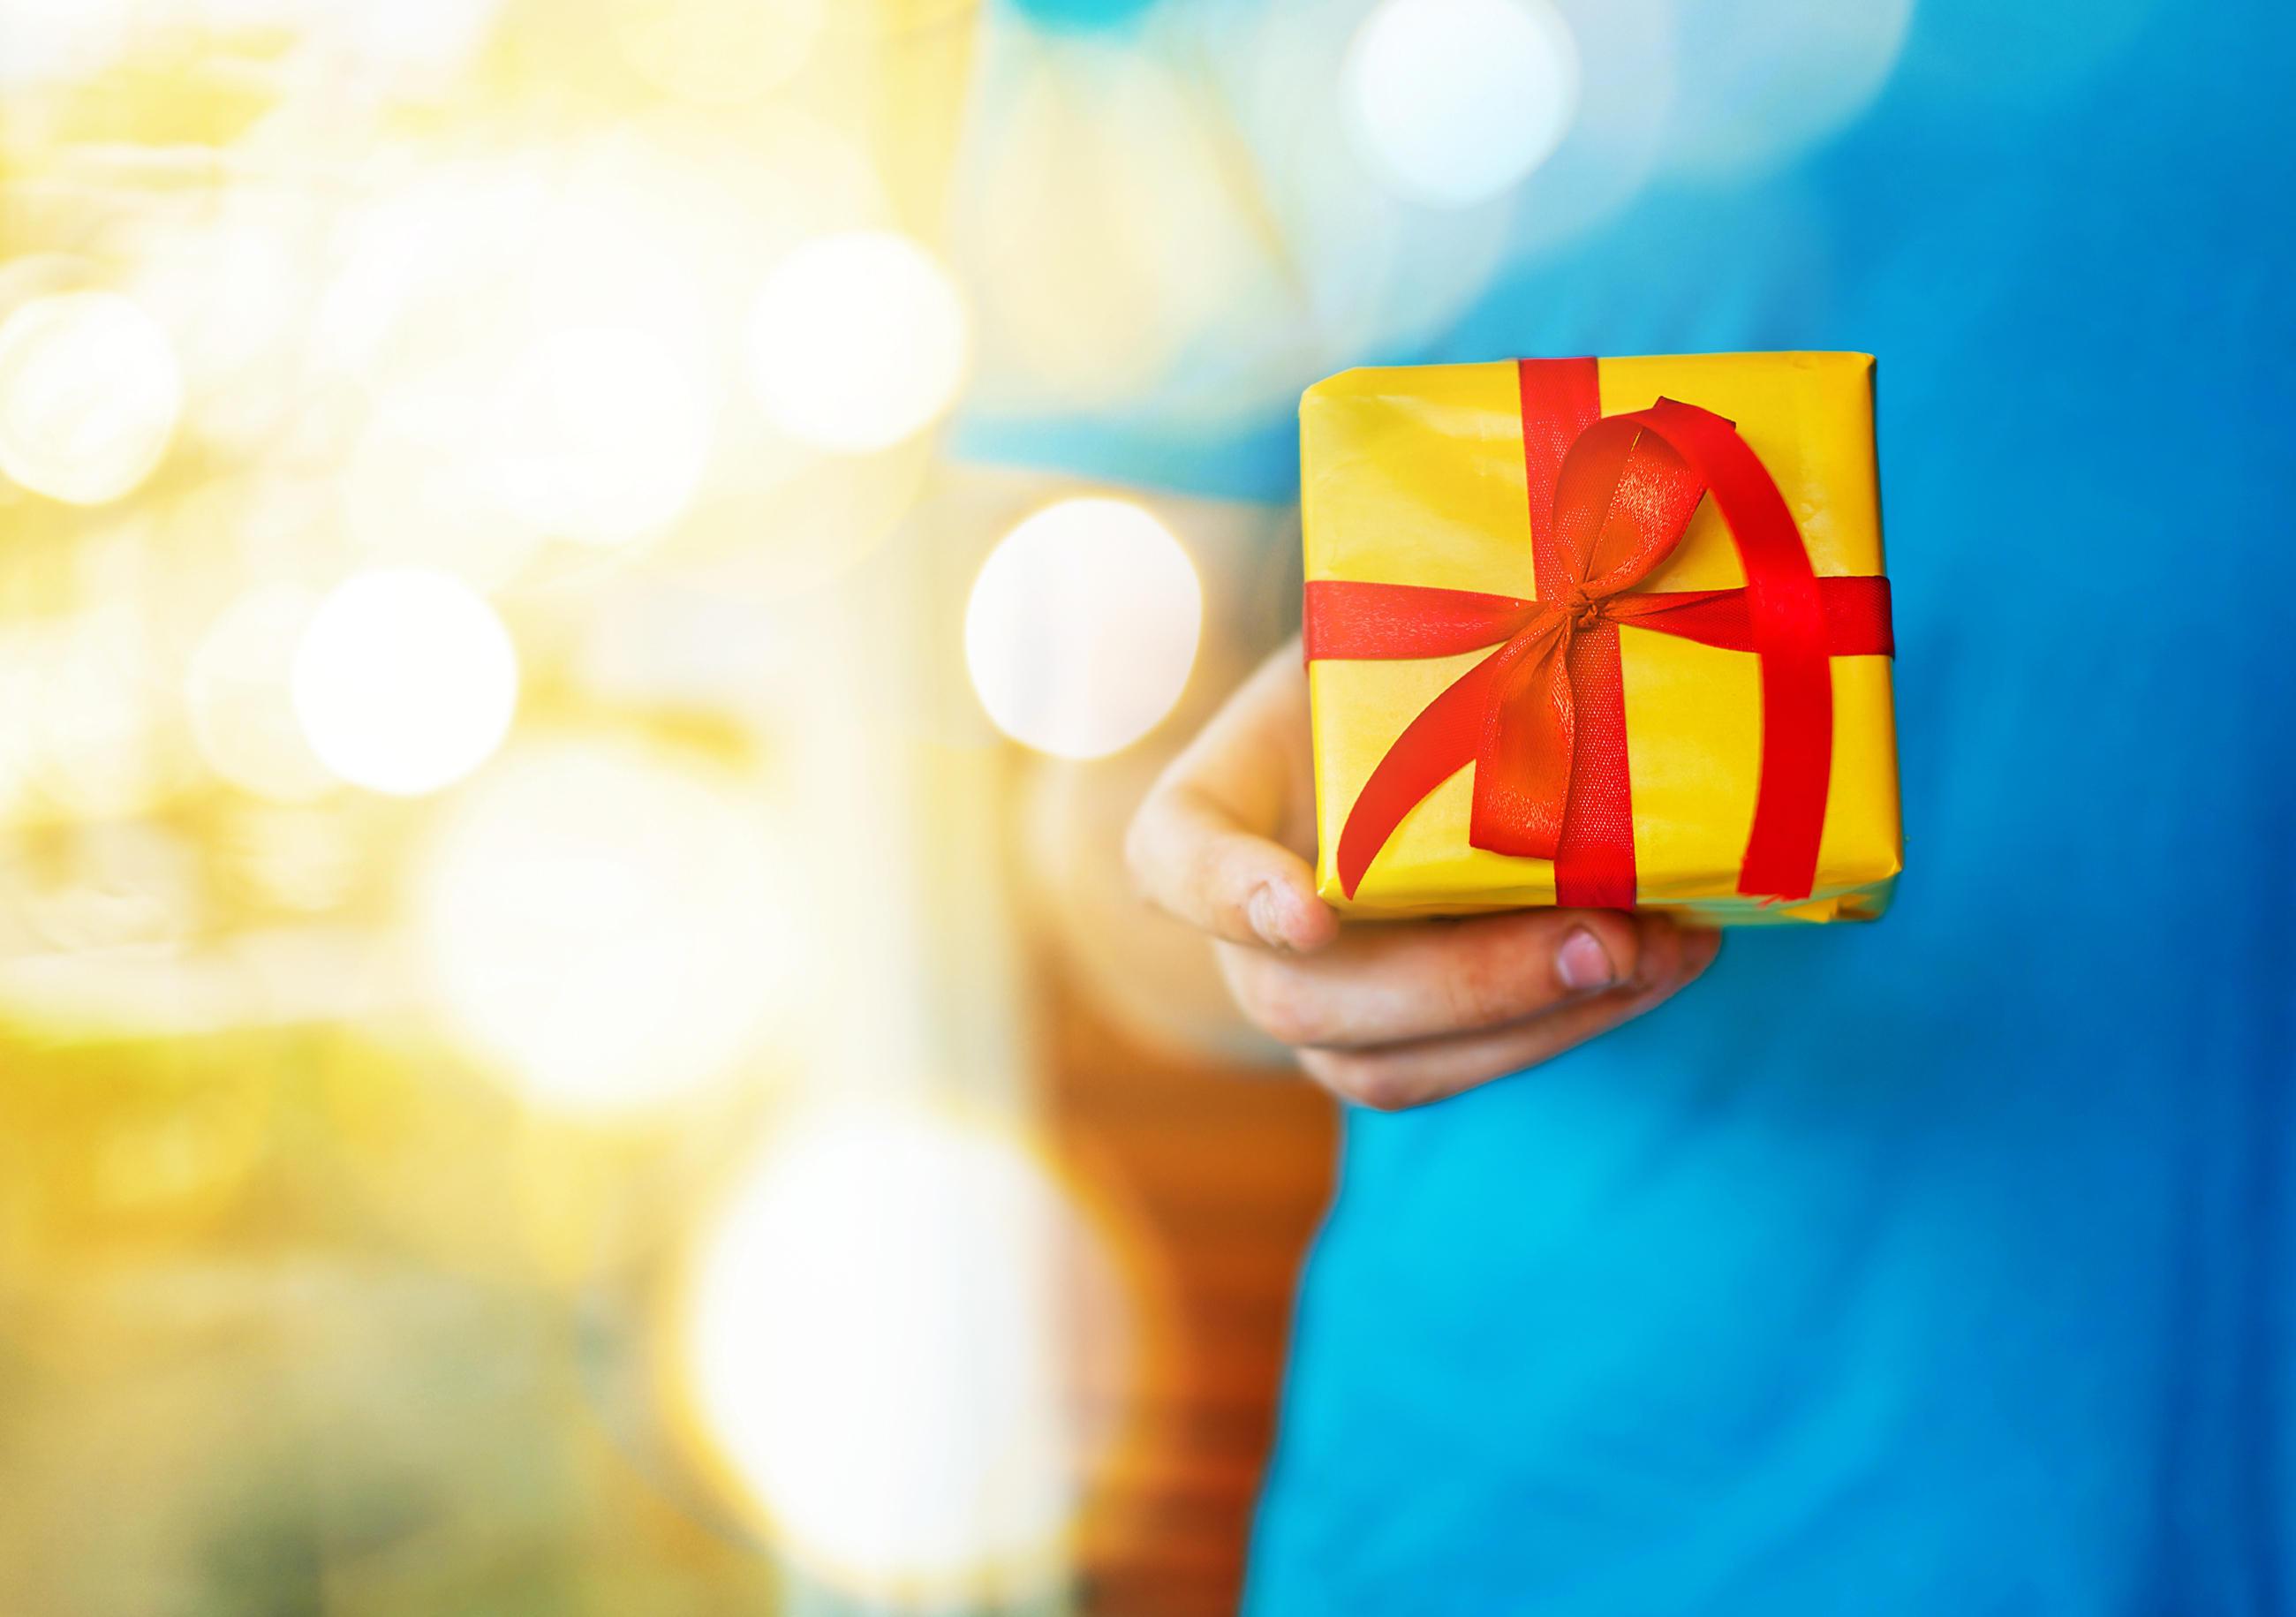 Außergewöhnliche Geburtstagsgeschenke  Außergewöhnliche Geburtstagsgeschenke für Männer finden